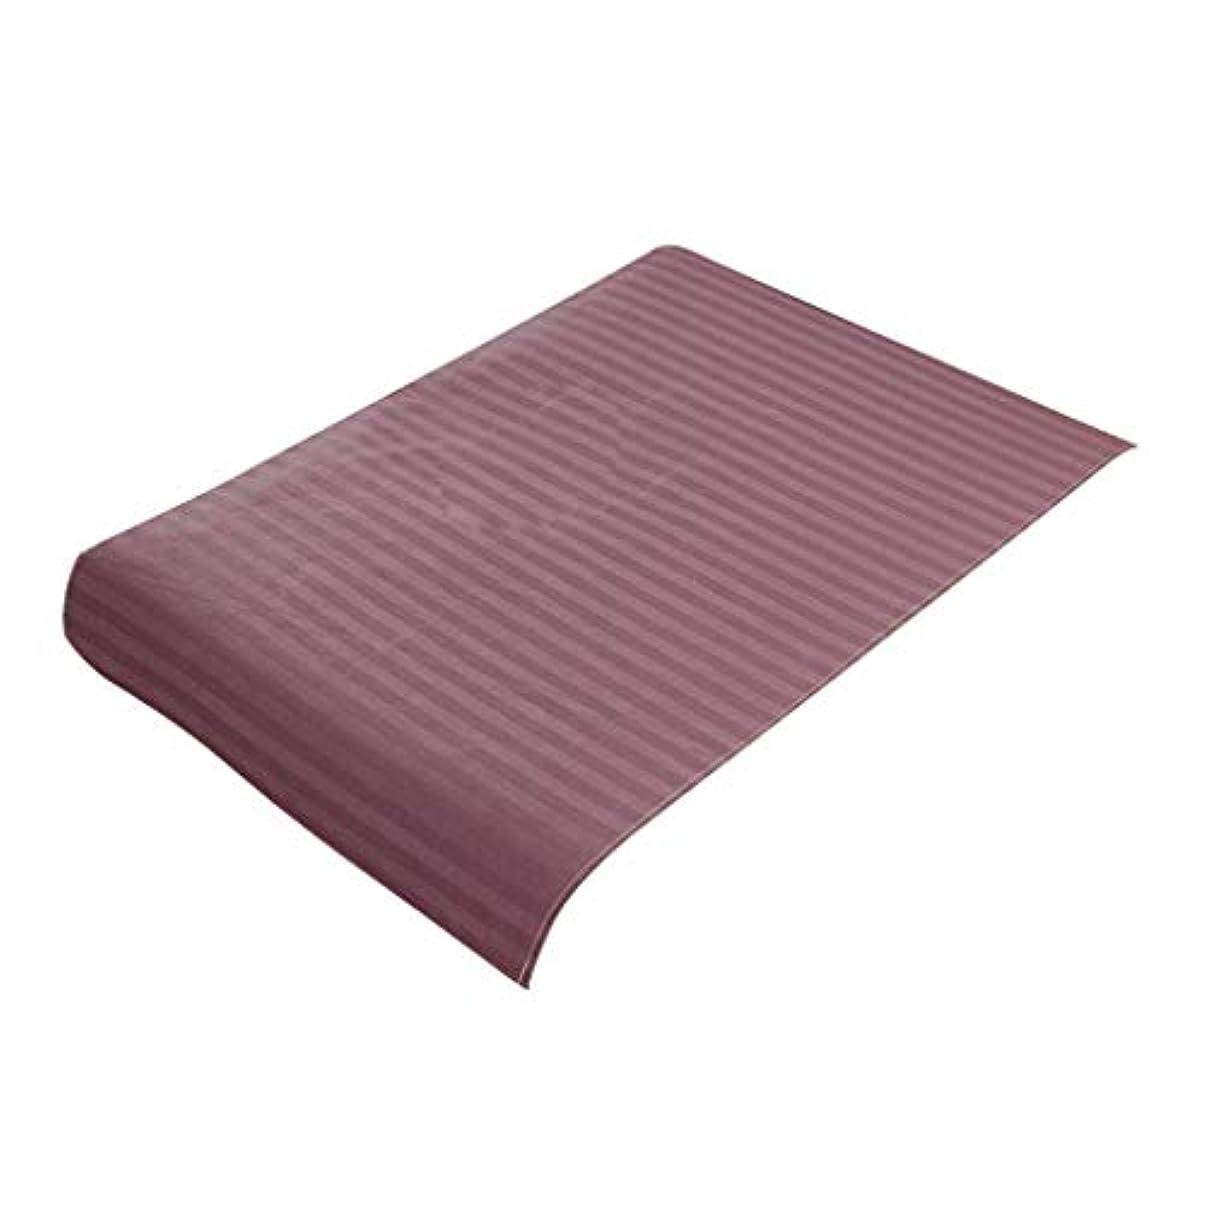 小さい誘導分析FLAMEER 美容ベッドカバー マッサージ台スカート コットン生地 スパ マッサージベッドカバー 全7色 - 紫